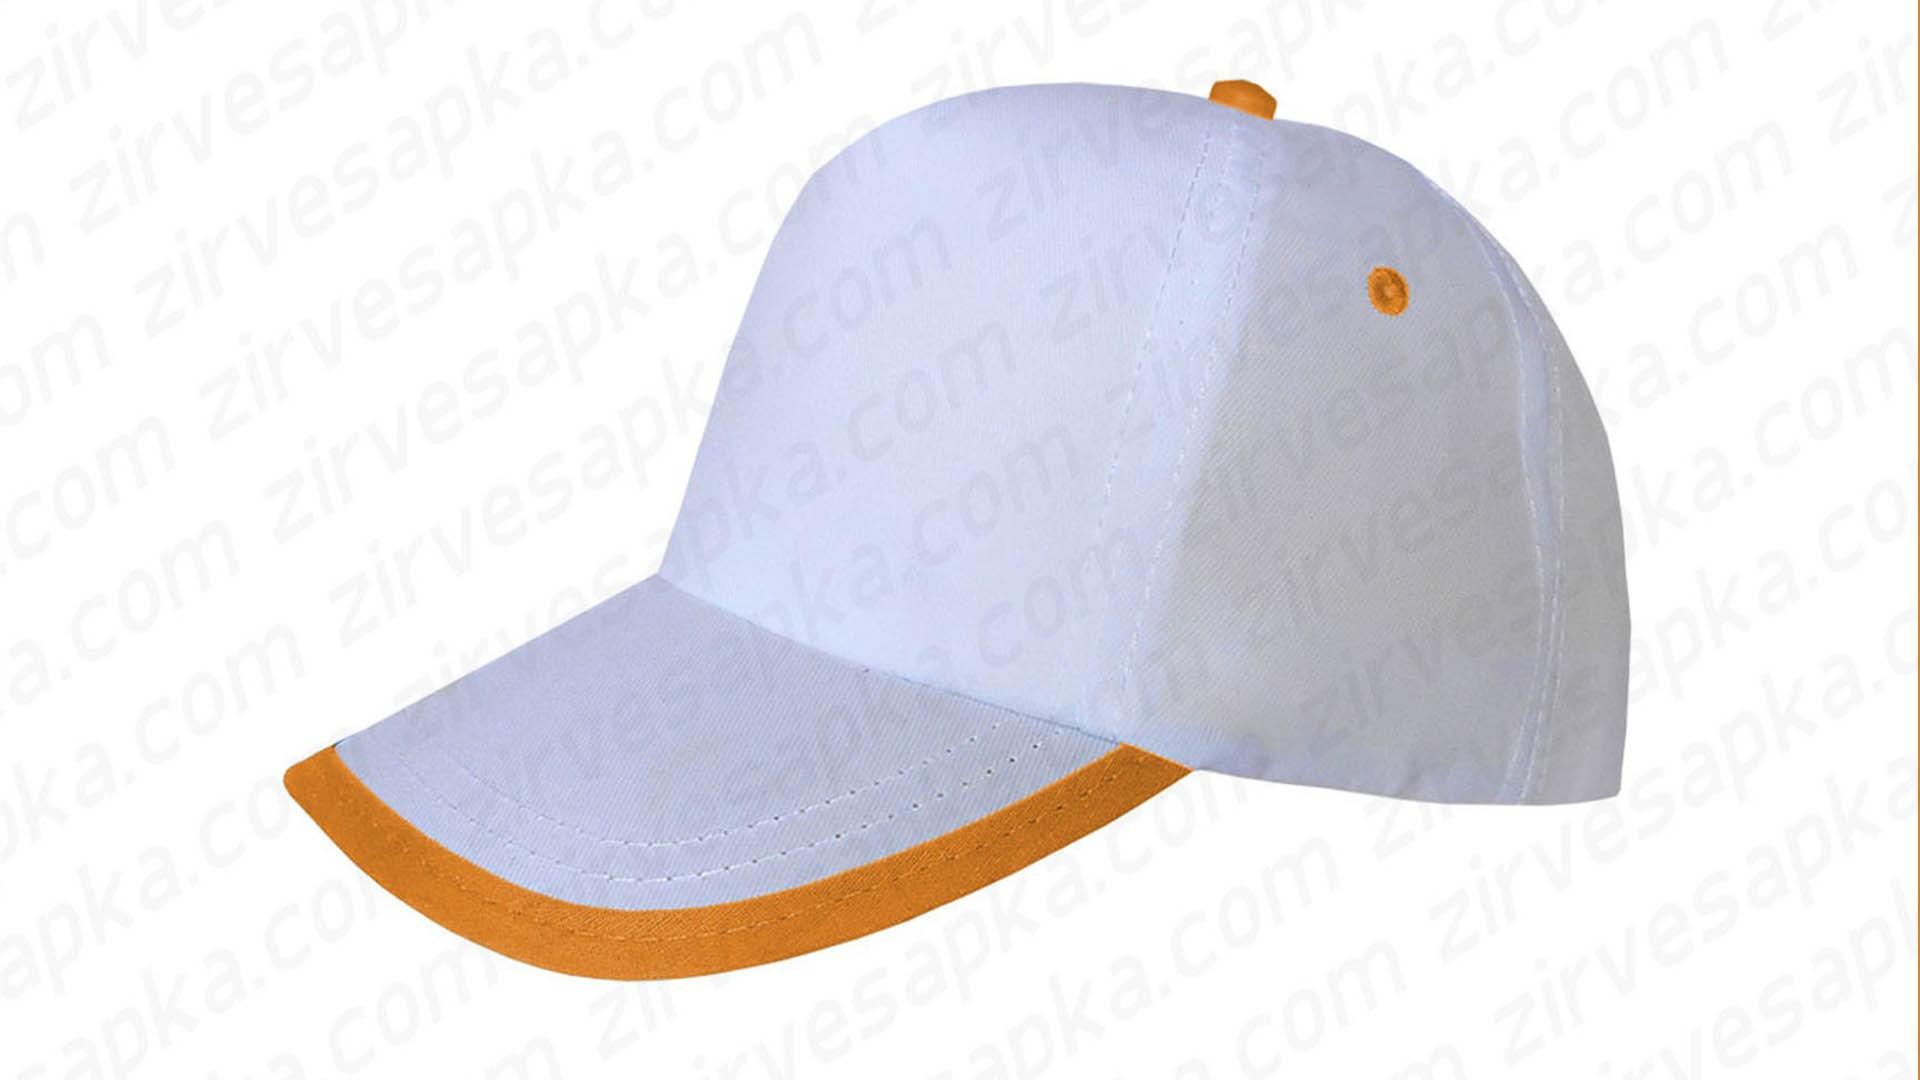 Siperi Biyeli Bereket Şapka - Beyaz Turuncu